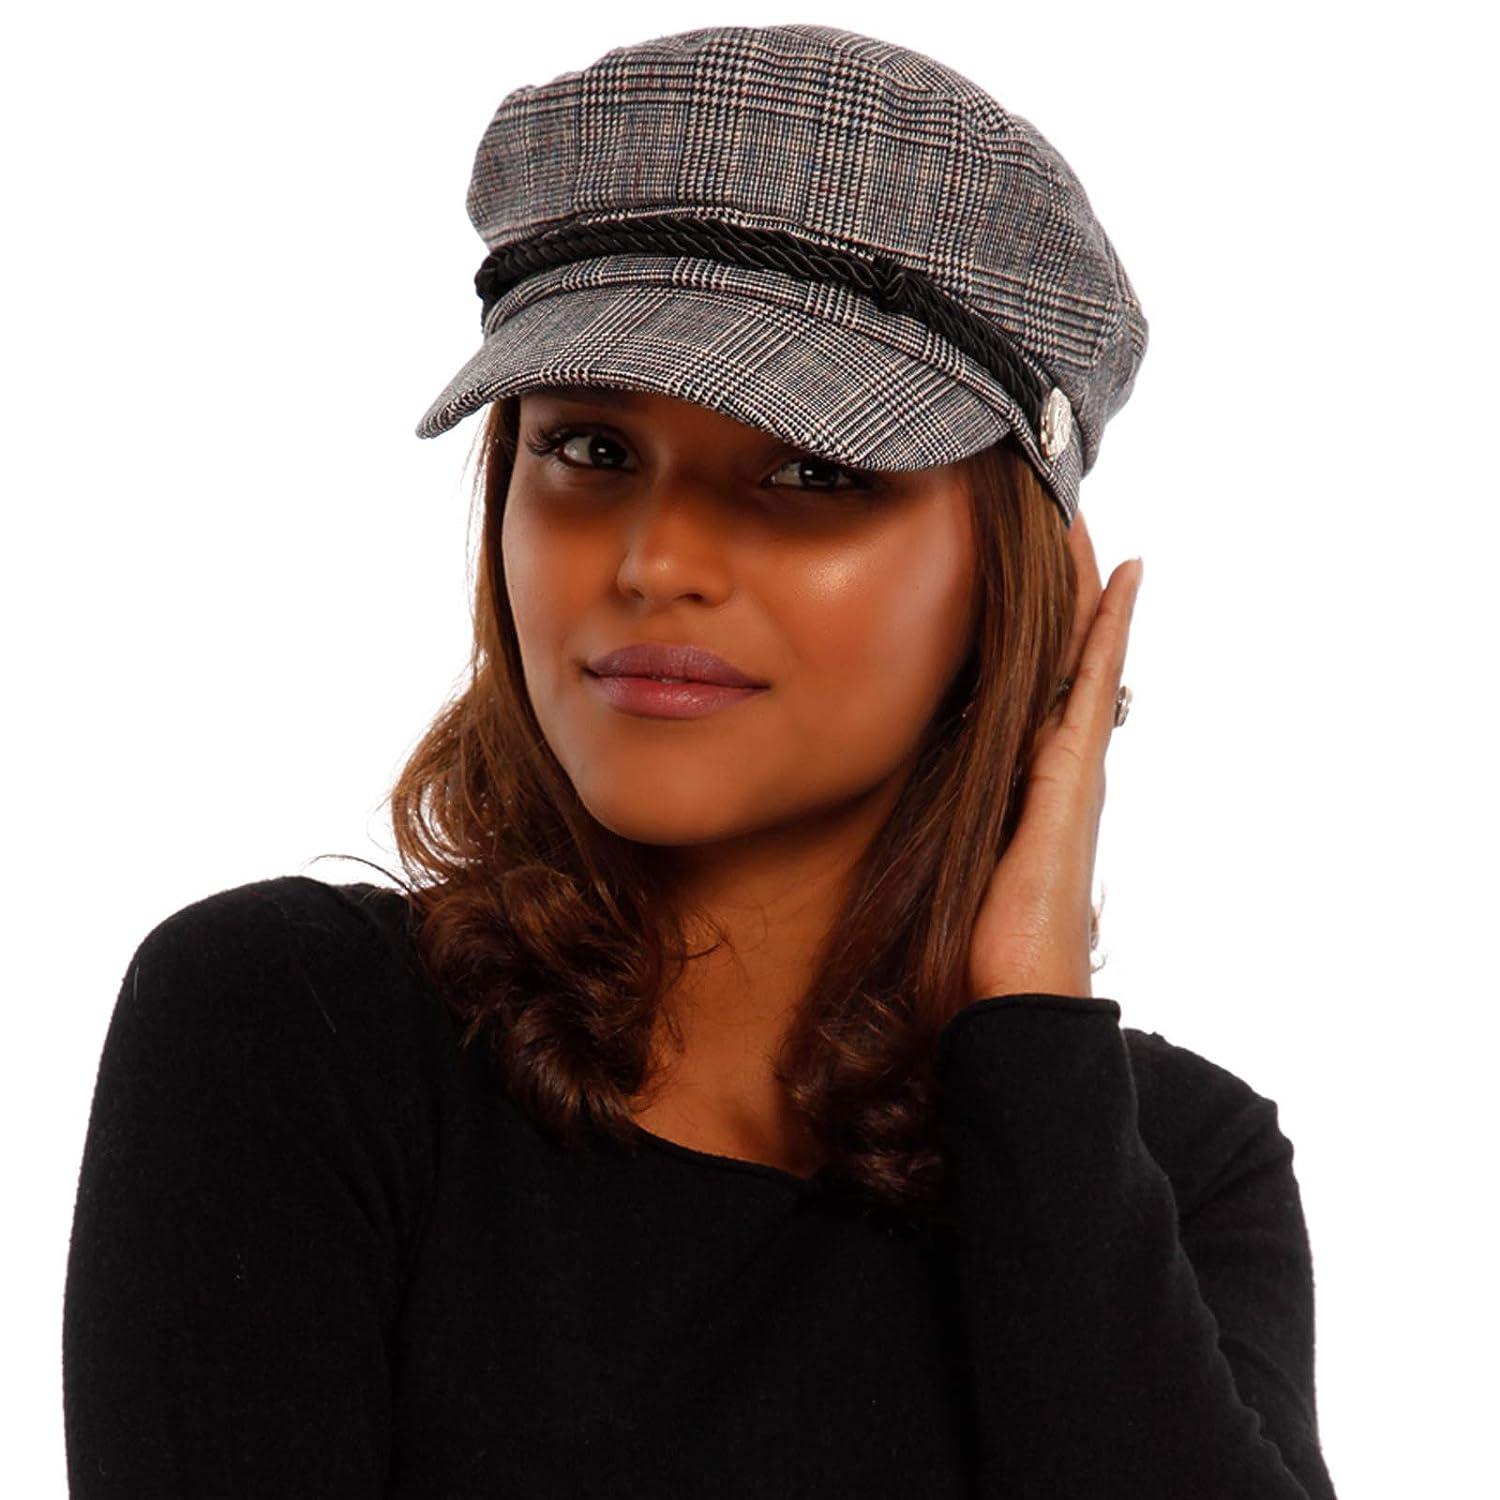 YC Fashion & Style Damen Schiffermütze Kariert Fischermütze Cape mit Schirm und Gummizug Größe:One Size Farbe:Karo